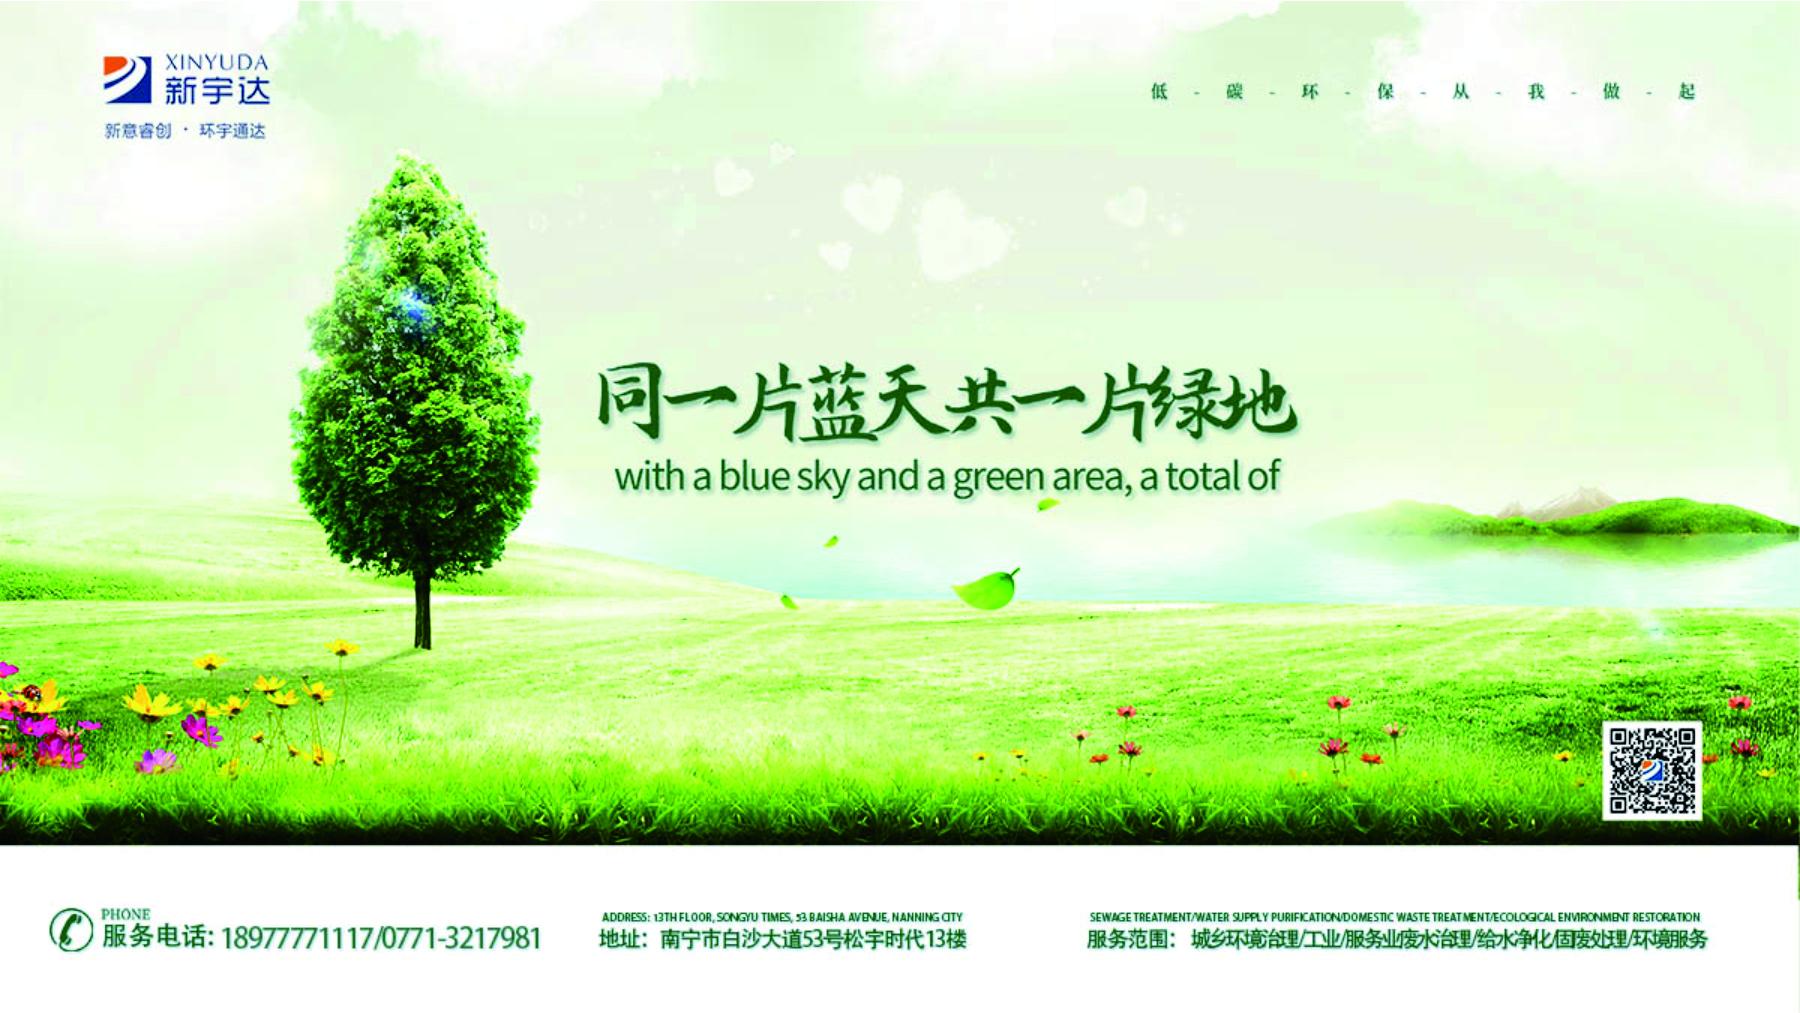 同一片天共一片绿地-恢复的.jpg